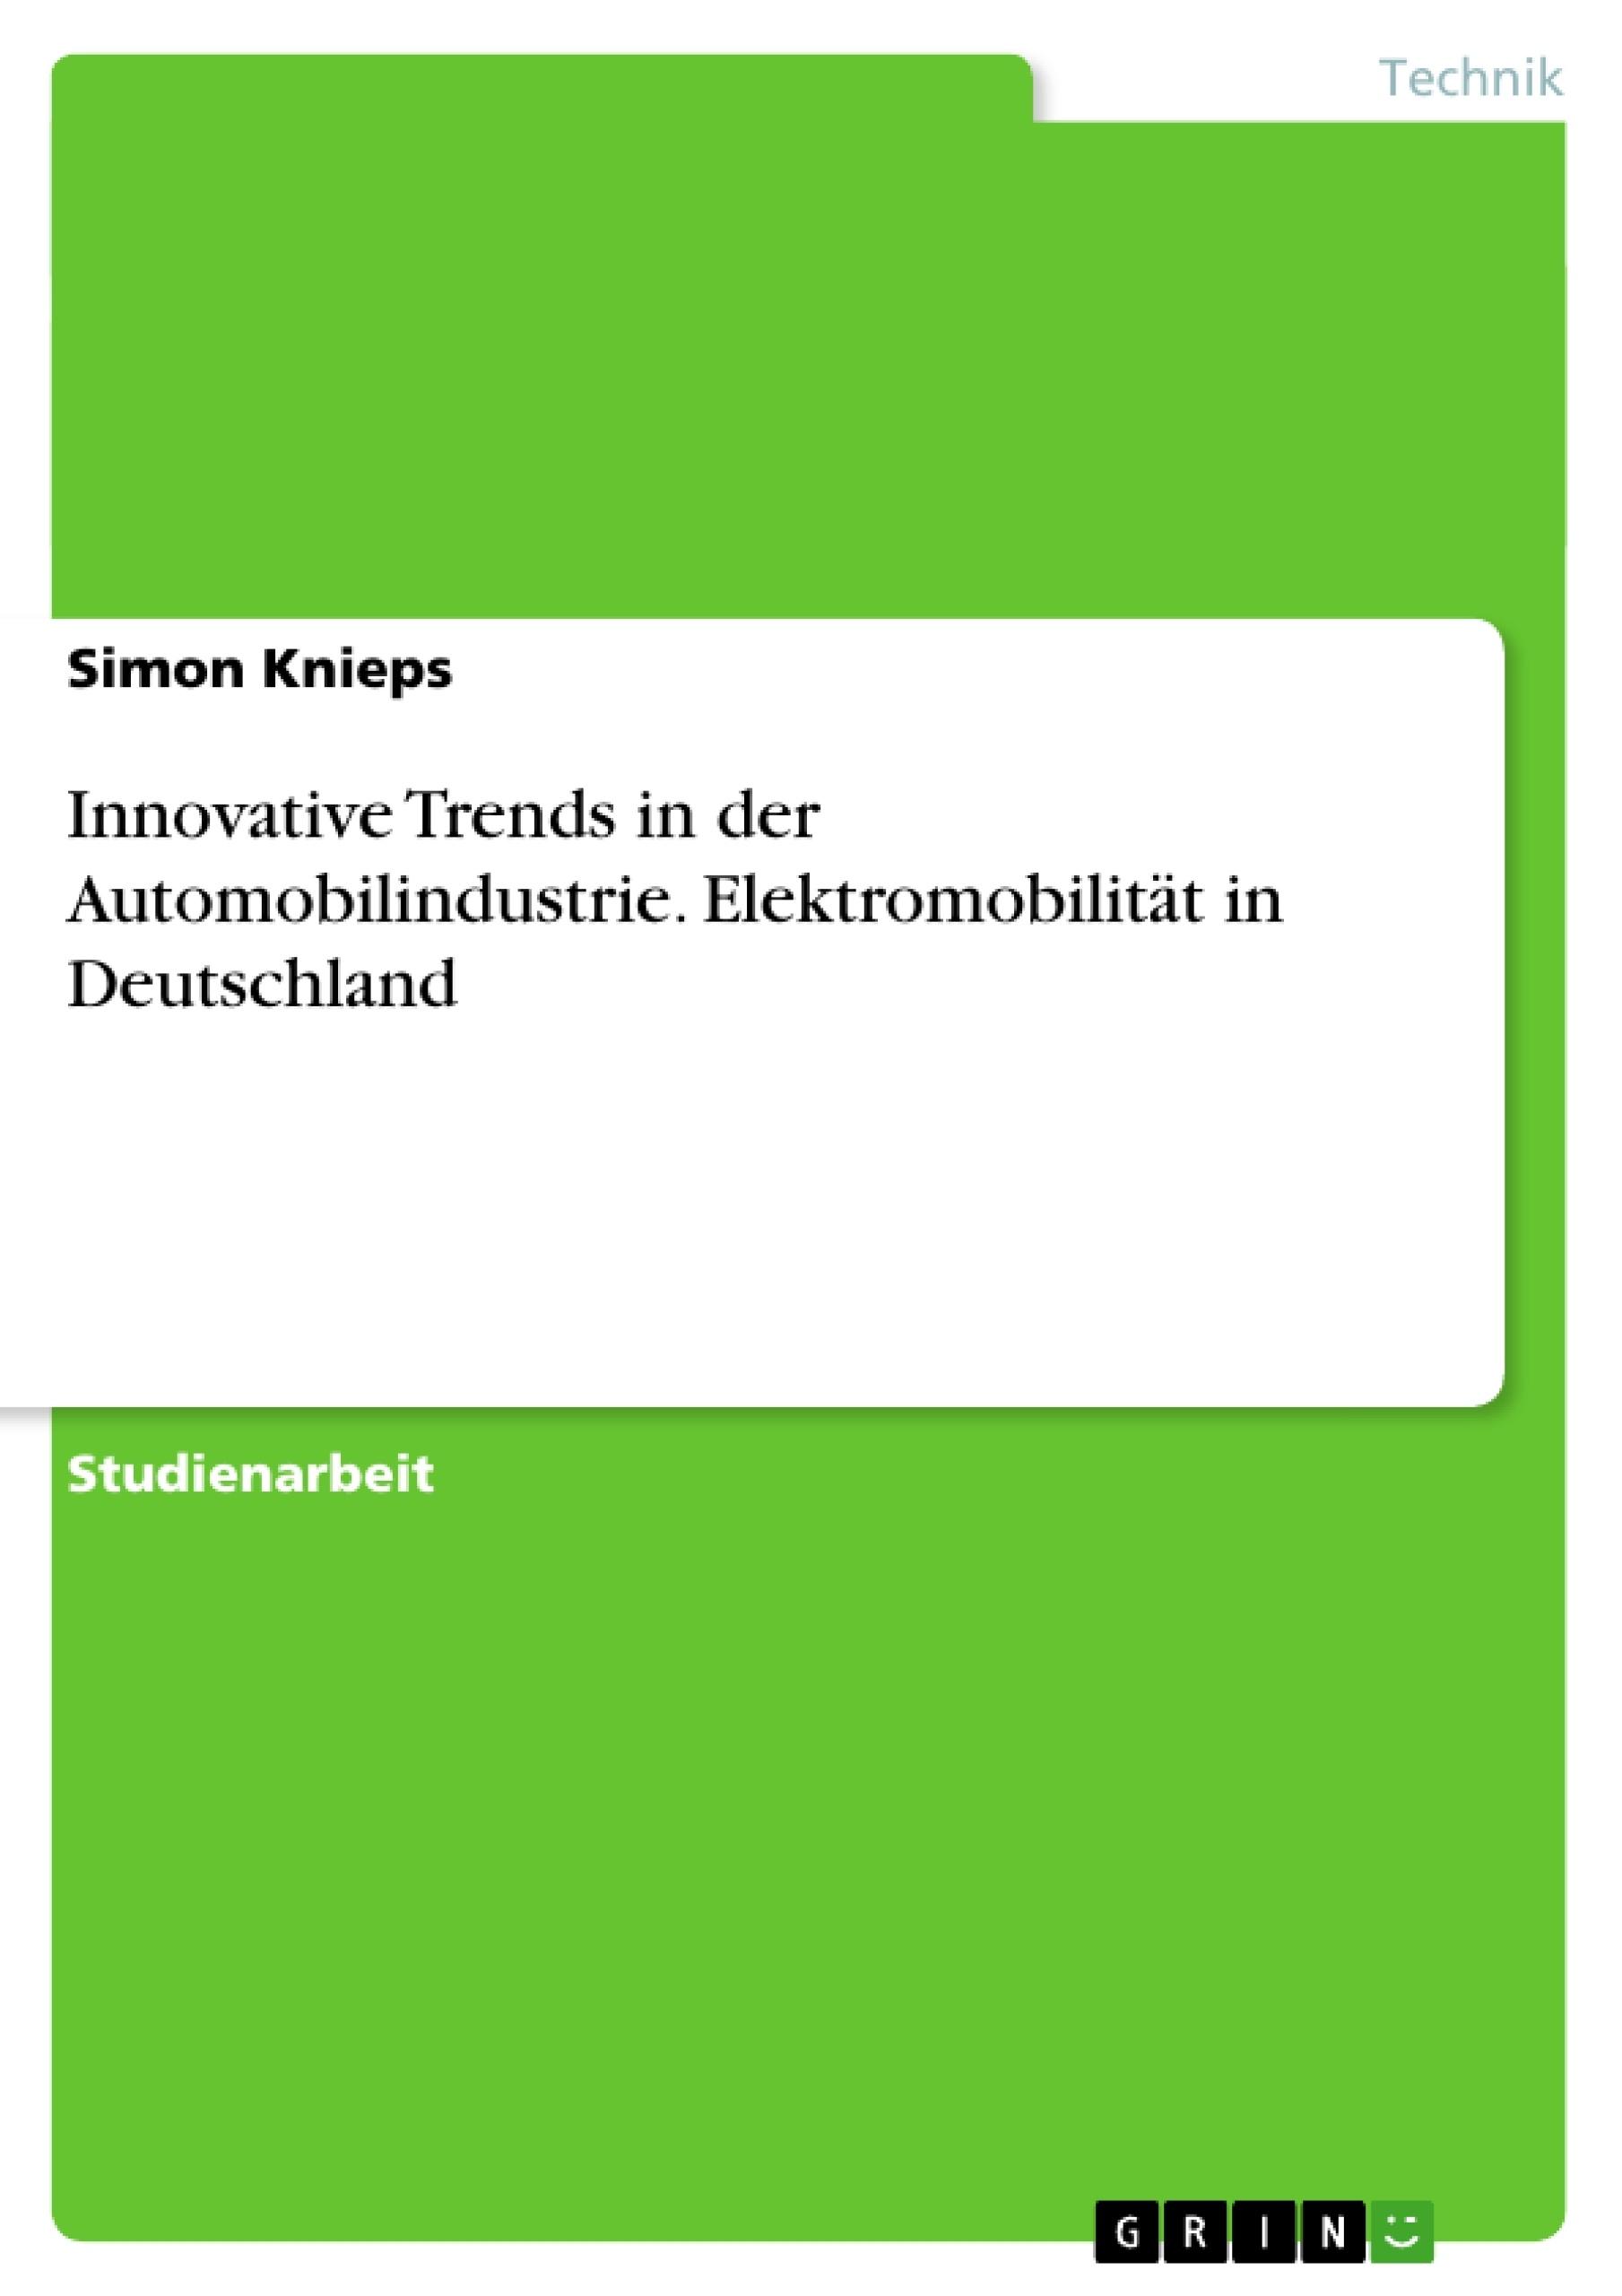 Titel: Innovative Trends in der Automobilindustrie. Elektromobilität in Deutschland